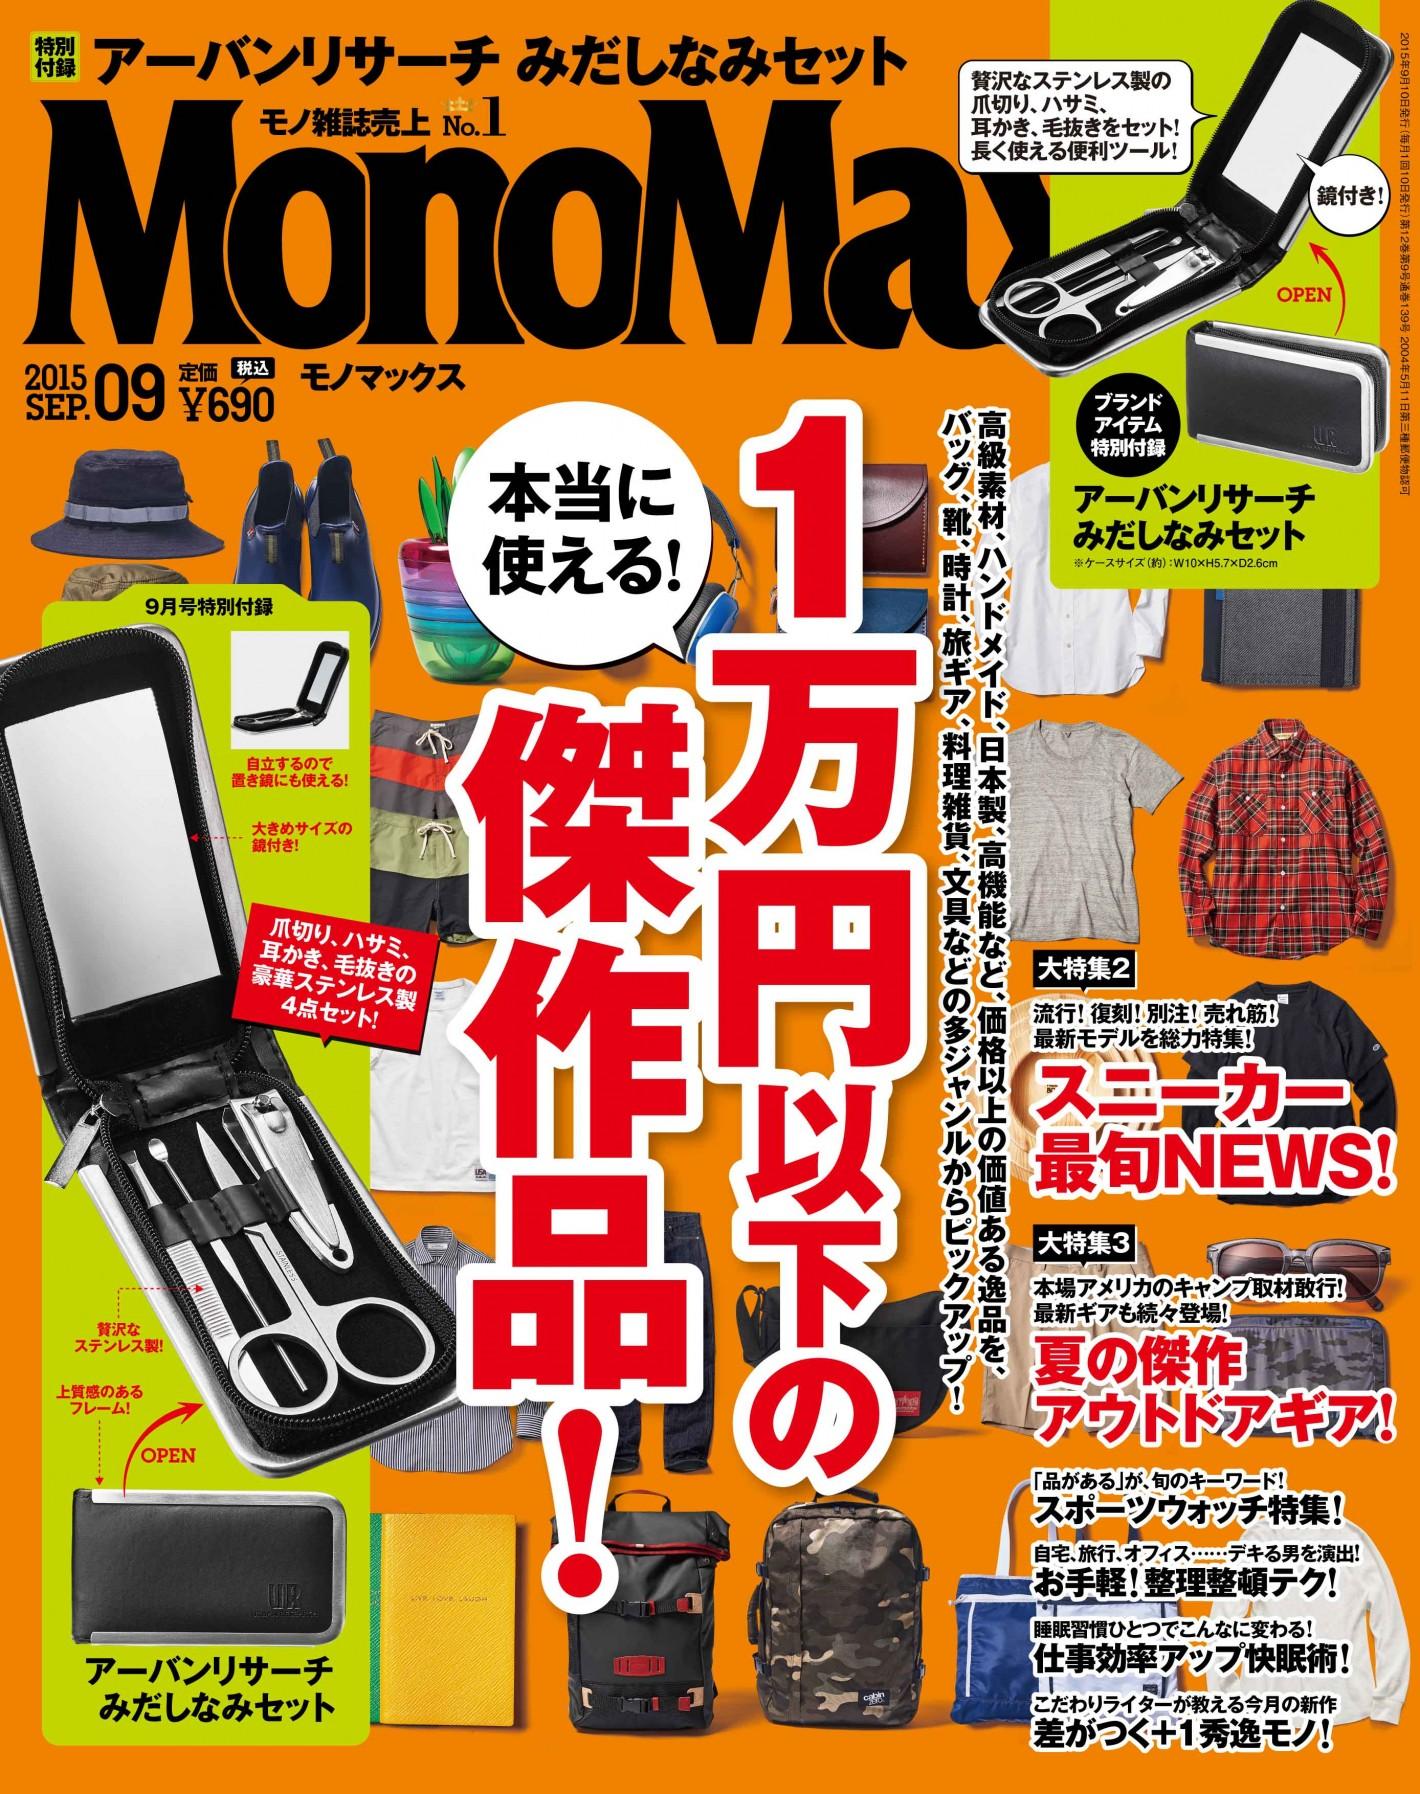 MonoMax09月号_表1_納品_350dpi